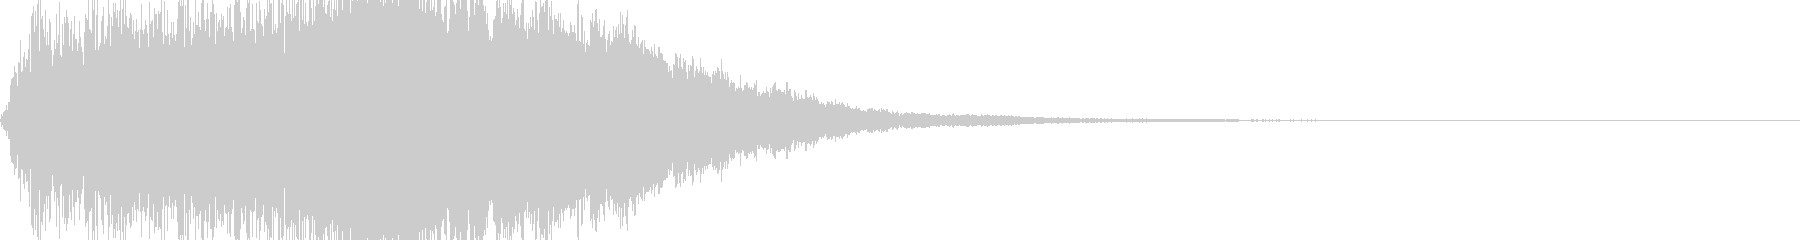 【ダーク・ホラー】アトモスフィア_11の未再生の波形